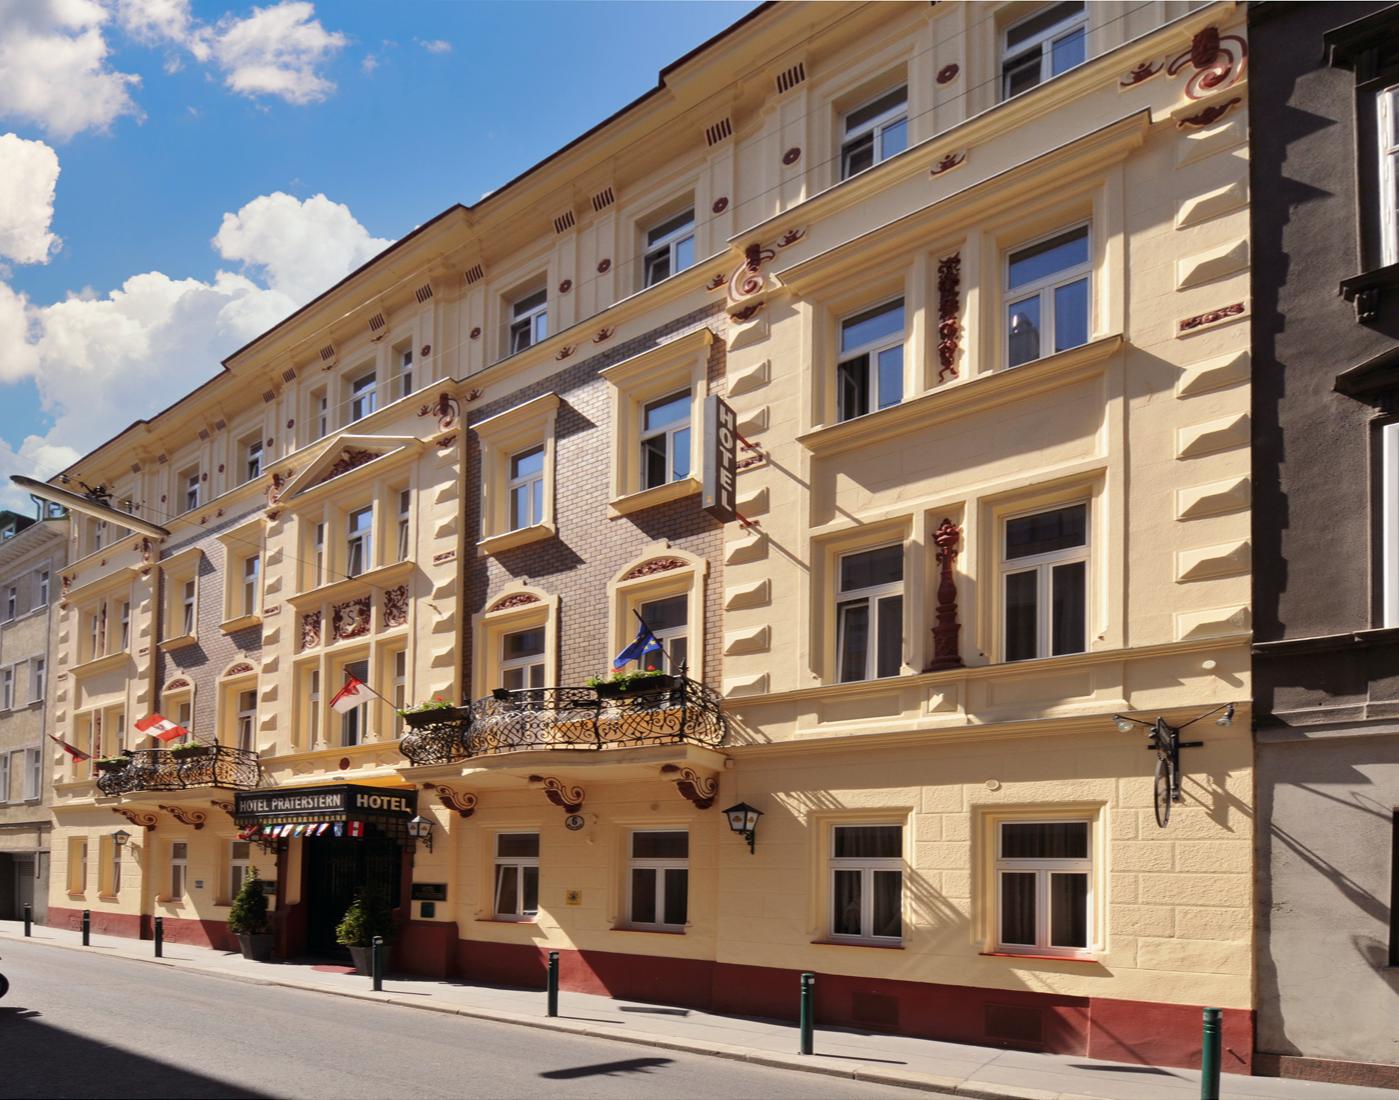 Städtetrips - 1 ÜN Hotel Praterstern